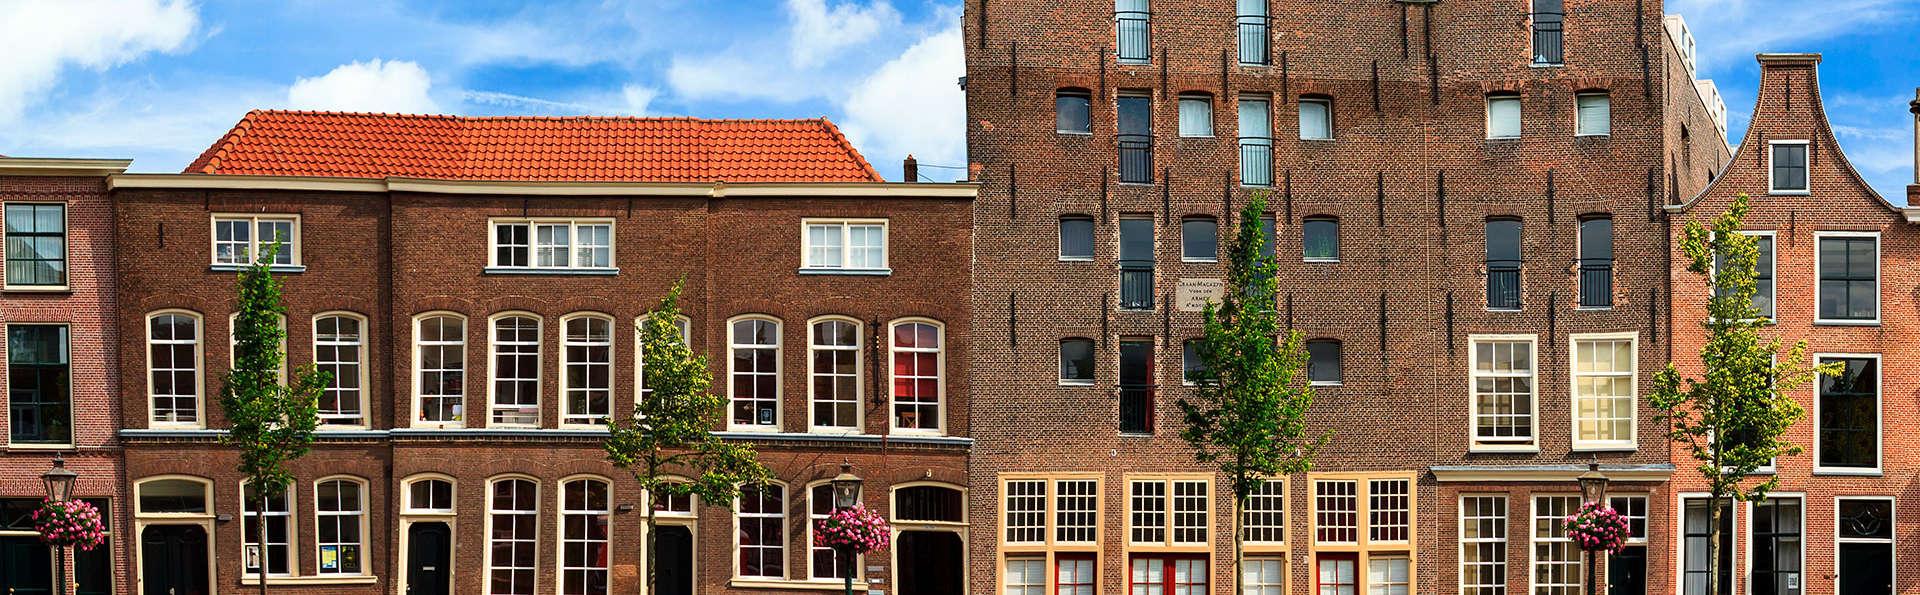 Geniet van een heerlijk 3-gangen diner in het hart van Leiden (2 nachten)